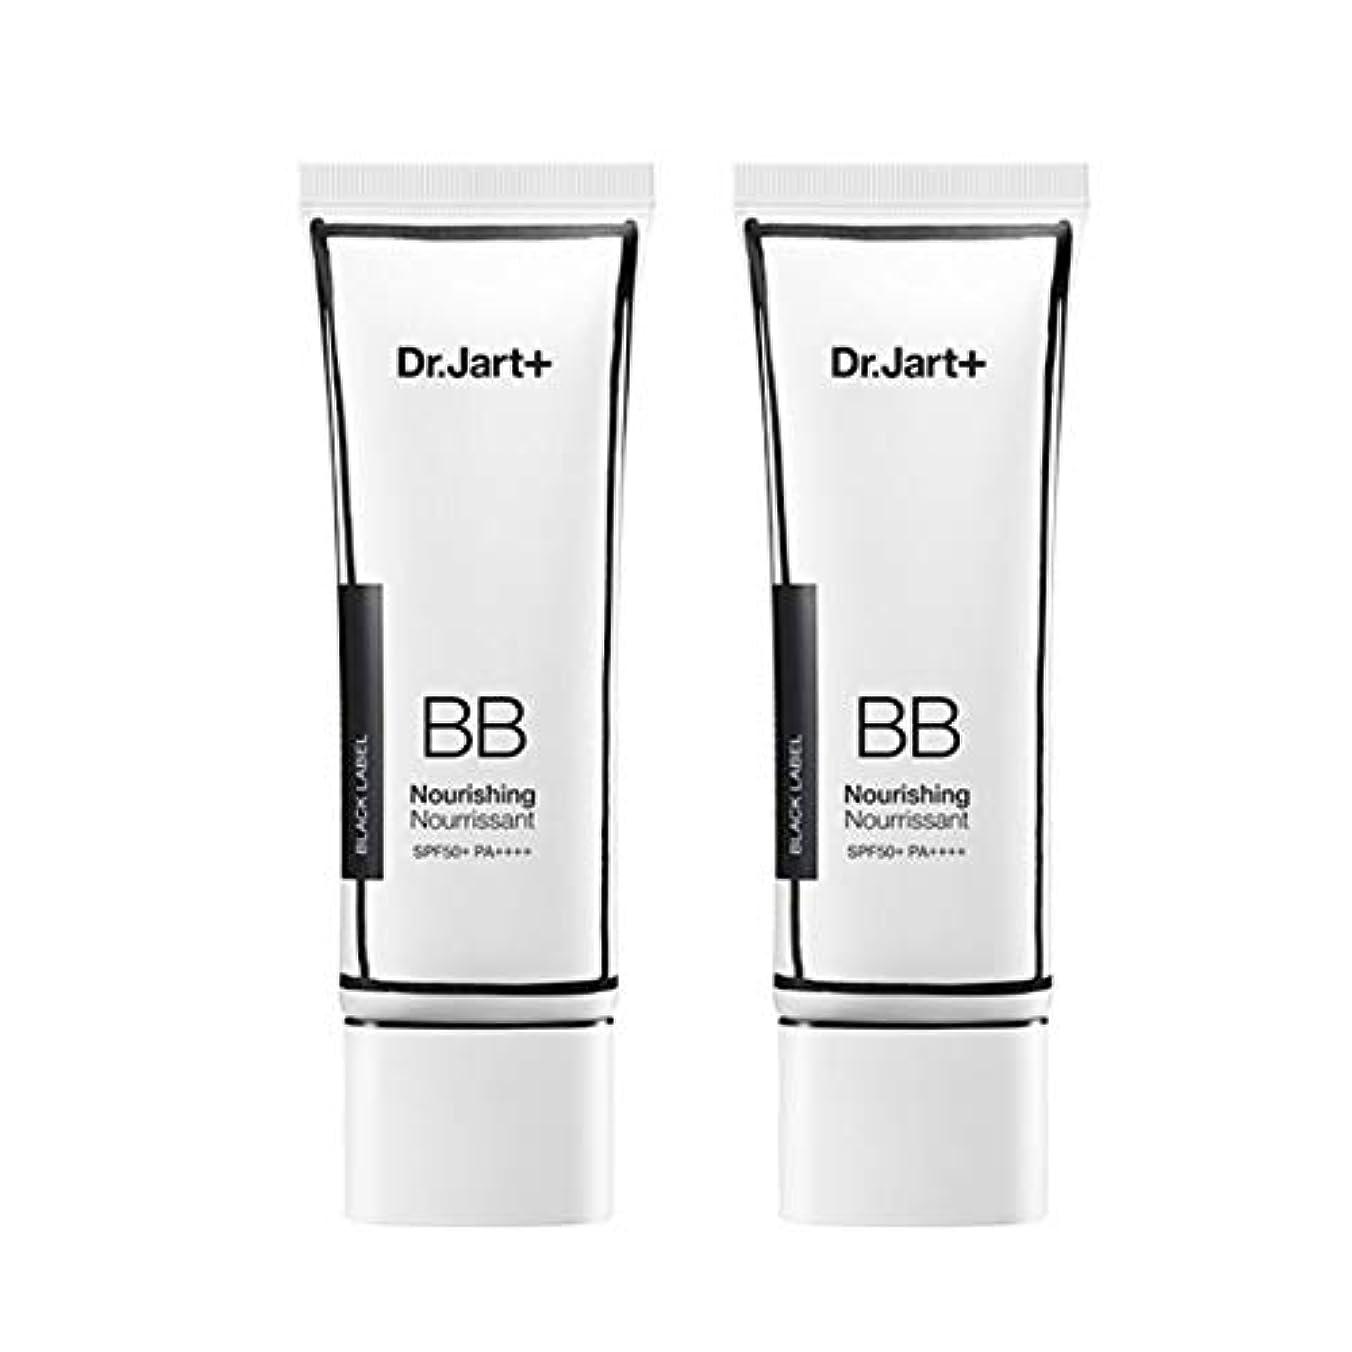 ルーフスイペーストドクタージャルトゥザメイクアップノリシンビューティーbalm 50ml x 2本セットBBクリーム、Dr.Jart Dermakeup Nourishing Beauty Balm 50ml x 2ea Set BB Cream...